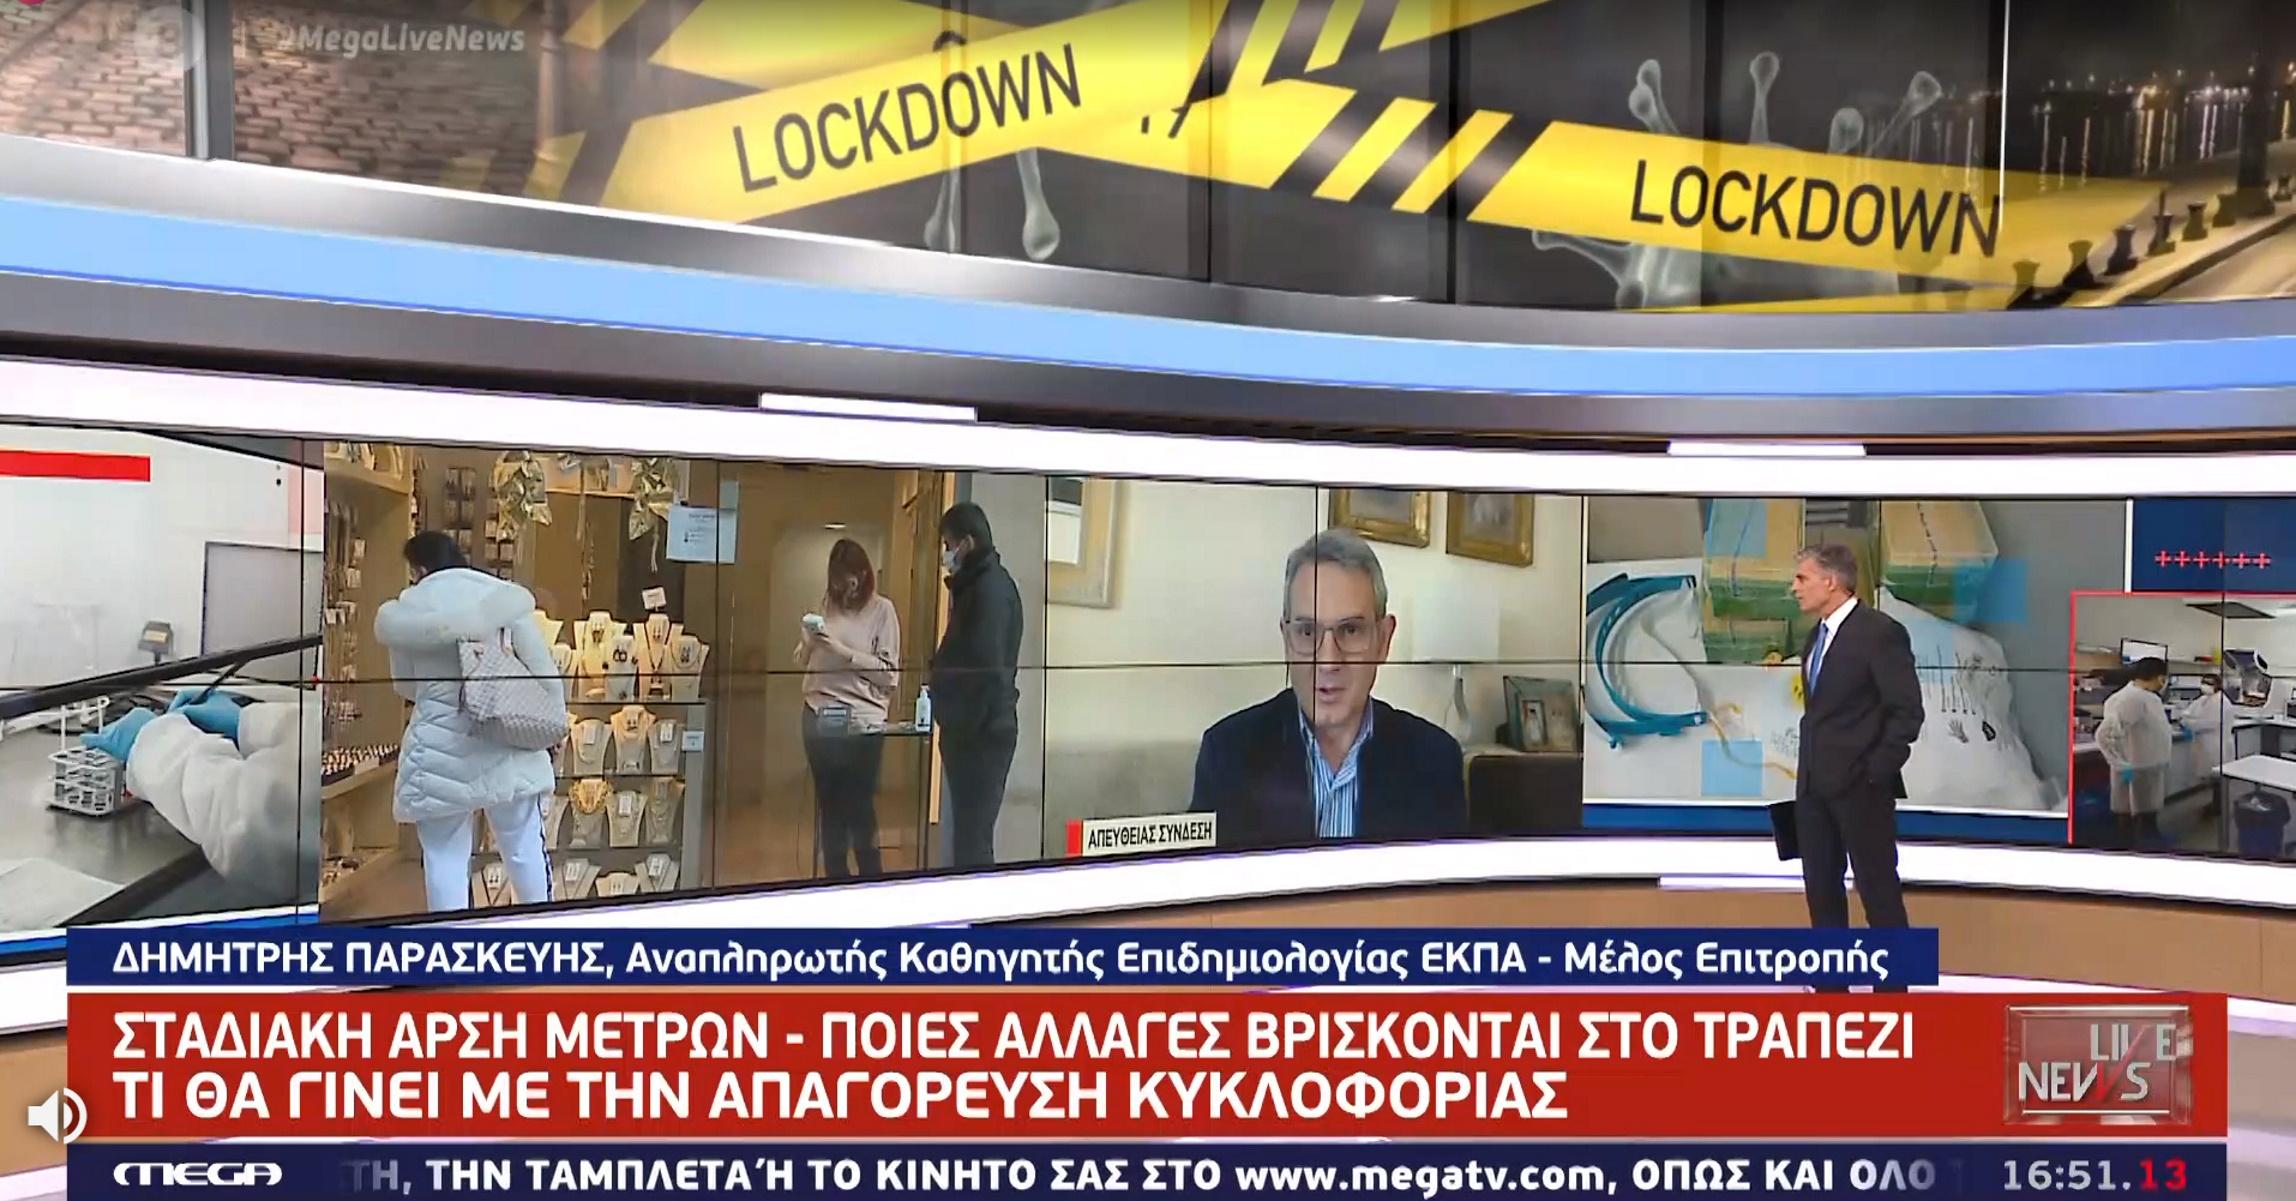 Παρασκευής στο Live News για άνοιγμα κομμωτηρίων και λιανεμπορίου – Τι λέει για AstraZeneca (video)